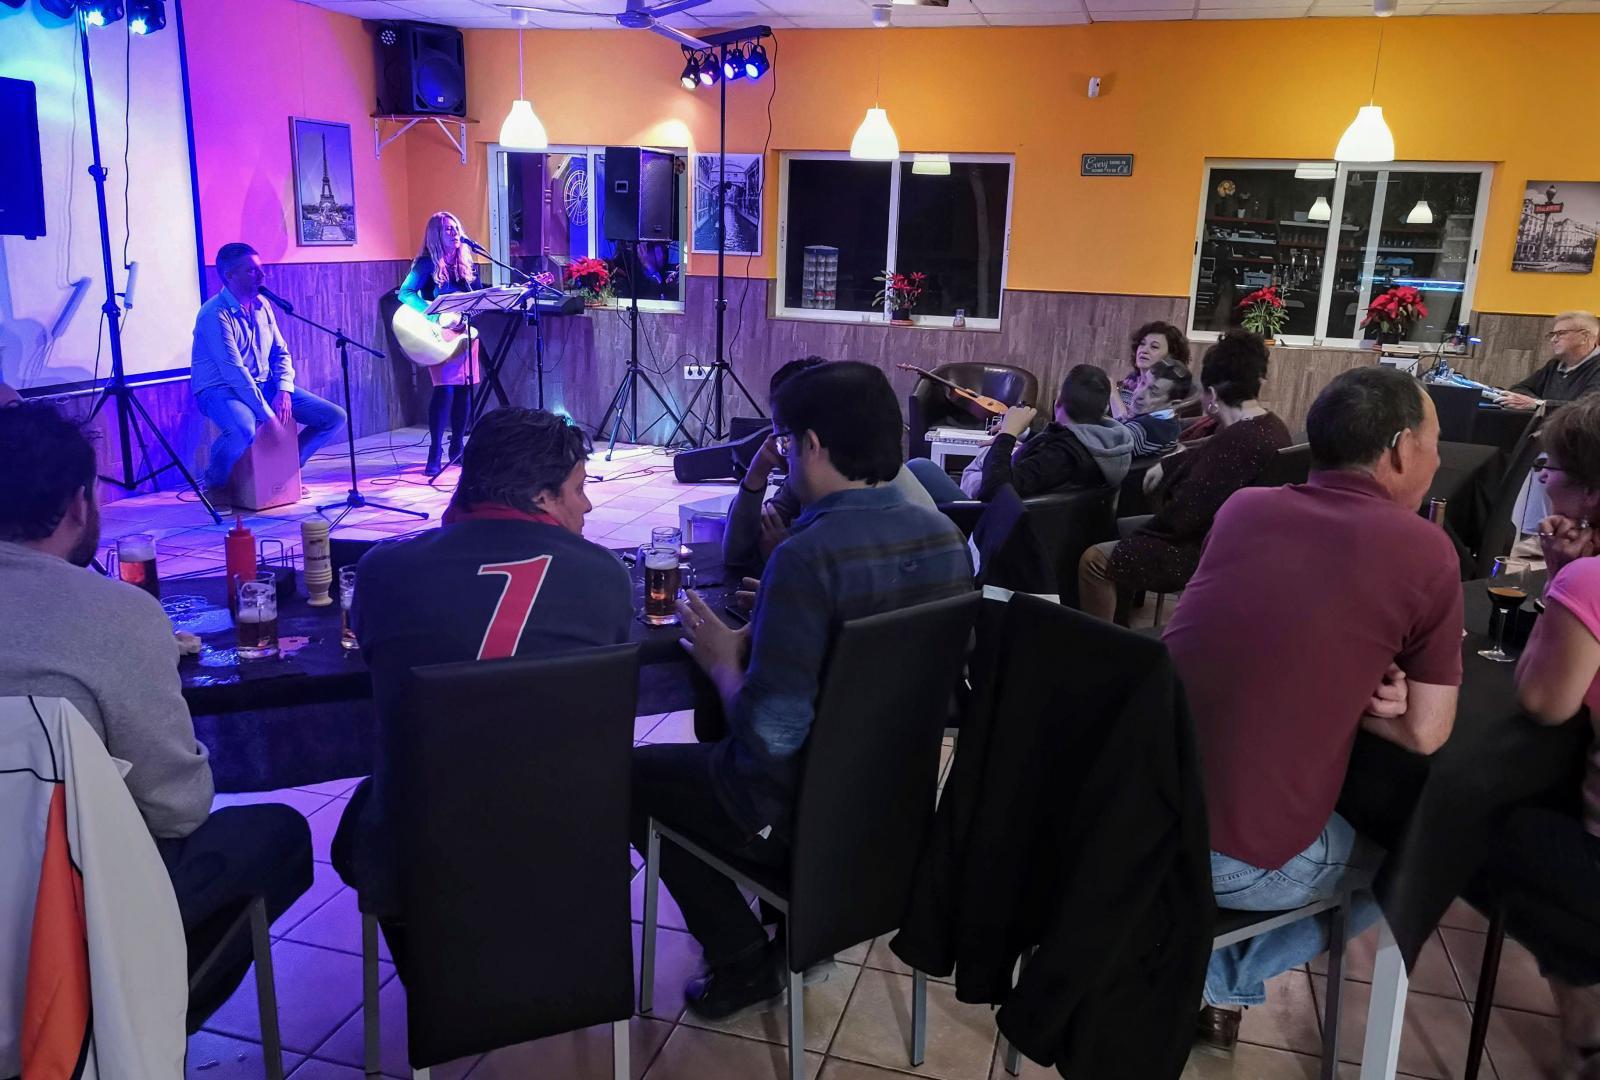 """Torsdagar är det """"open mic night"""" och trubadurer underhåller. Populärt både bland campare och ortsbor."""